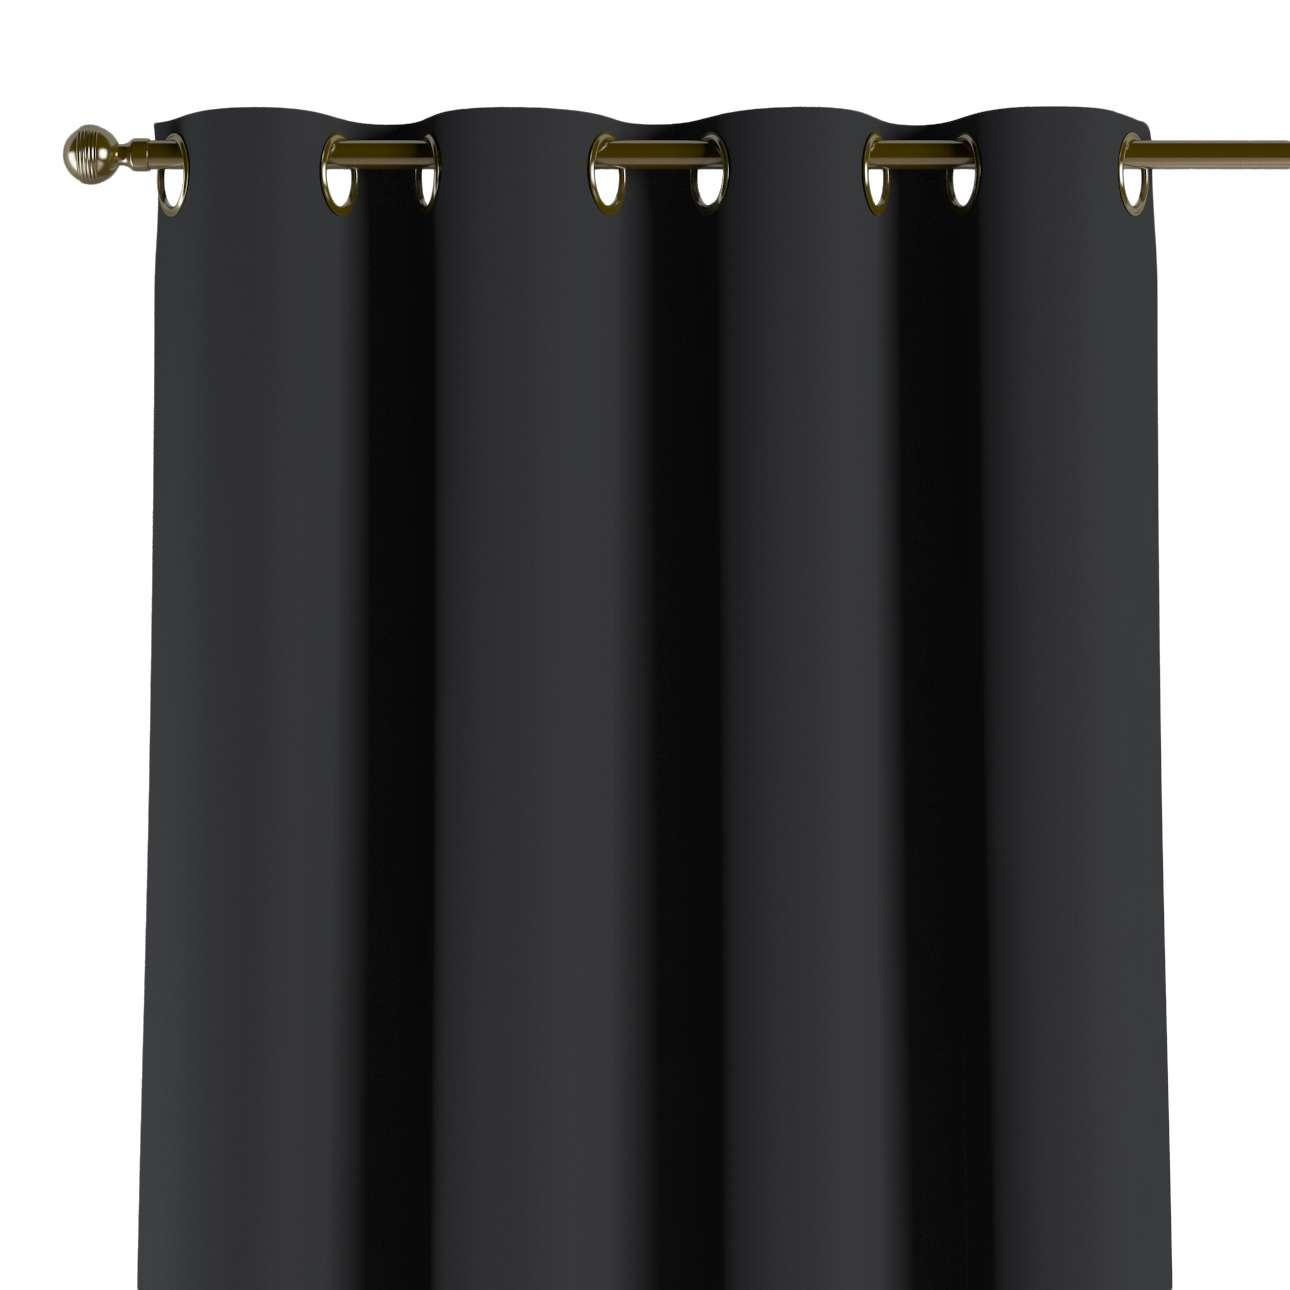 Mörkläggande gardin med öljetter 1 längd 140x260 cm i kollektionen Blackout (mörkläggande), Tyg: 269-99